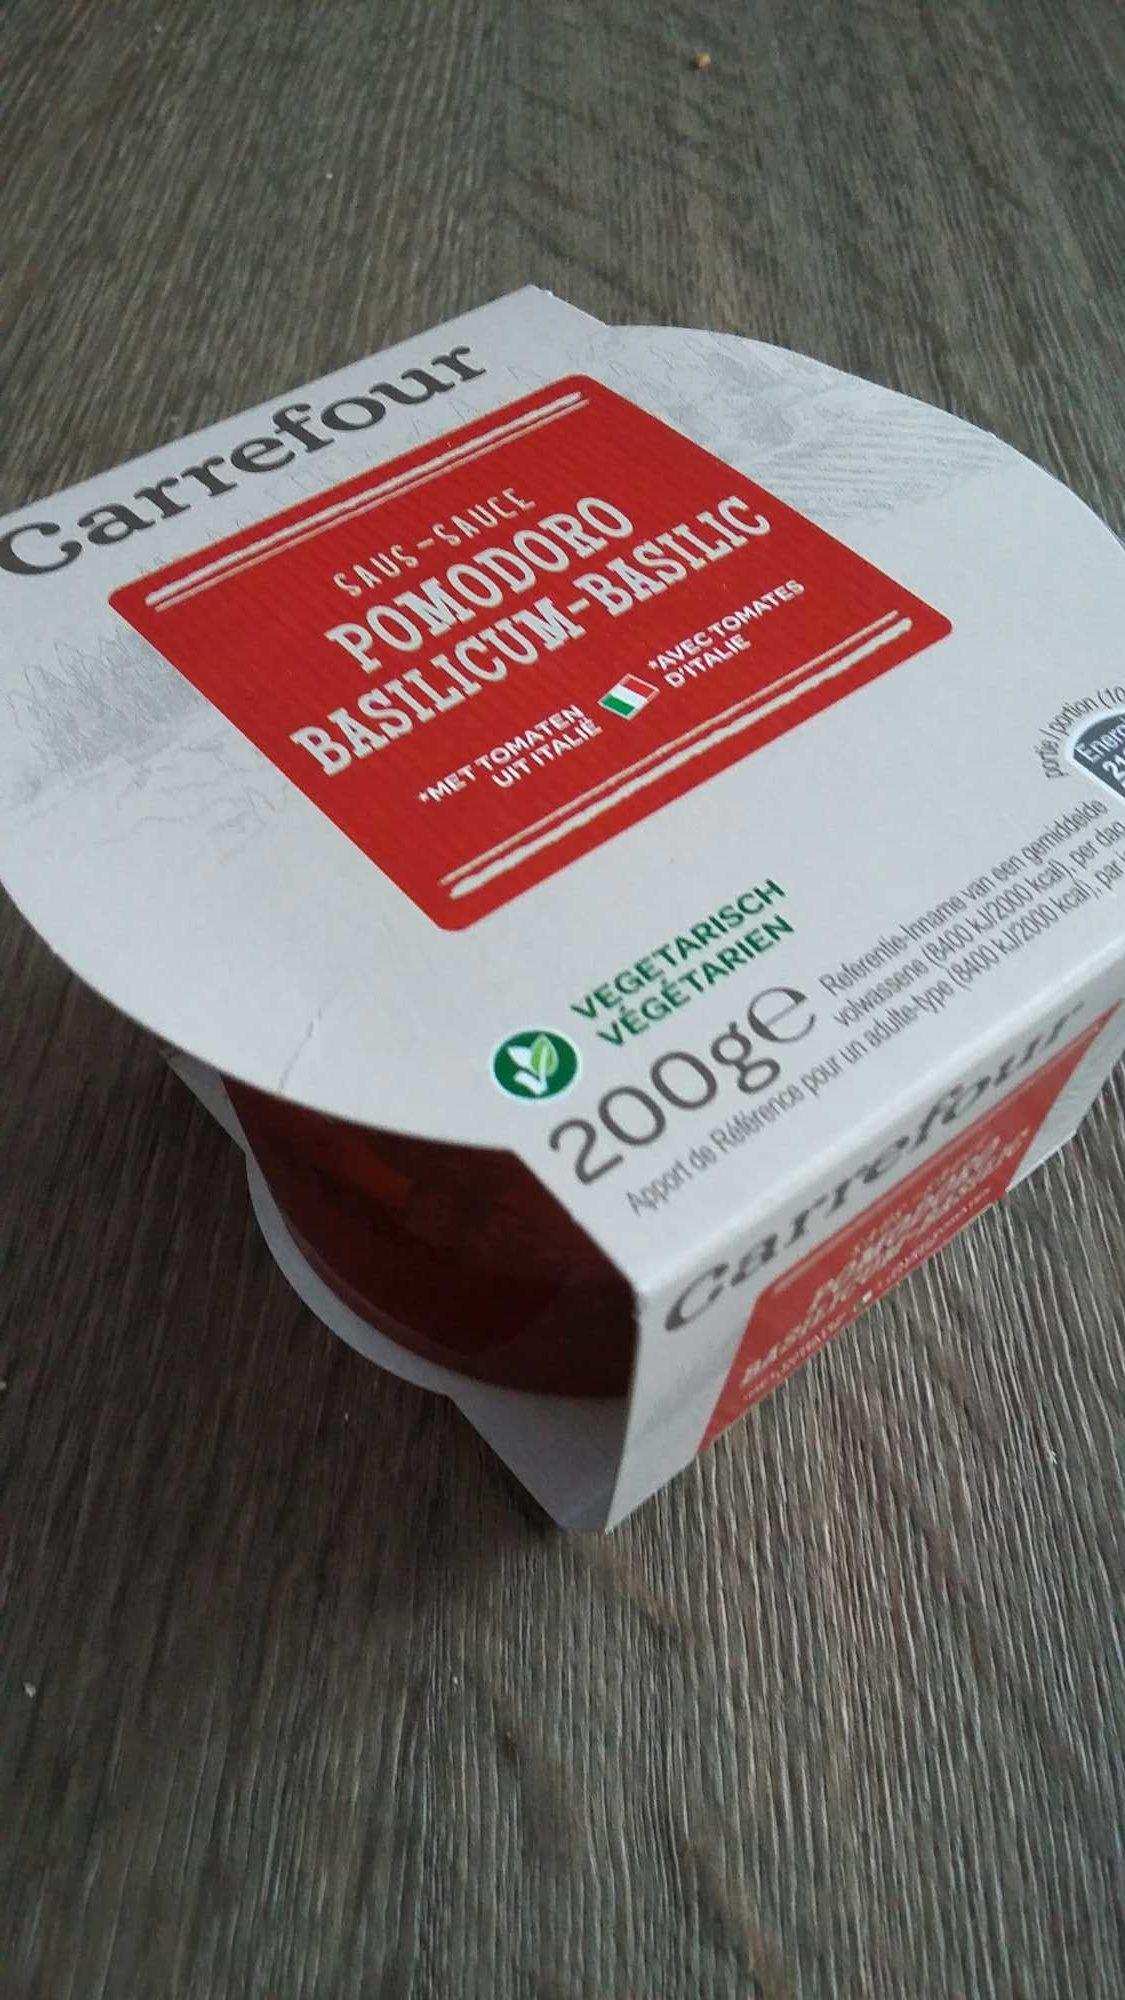 Sauce pomodoro basilico - Product